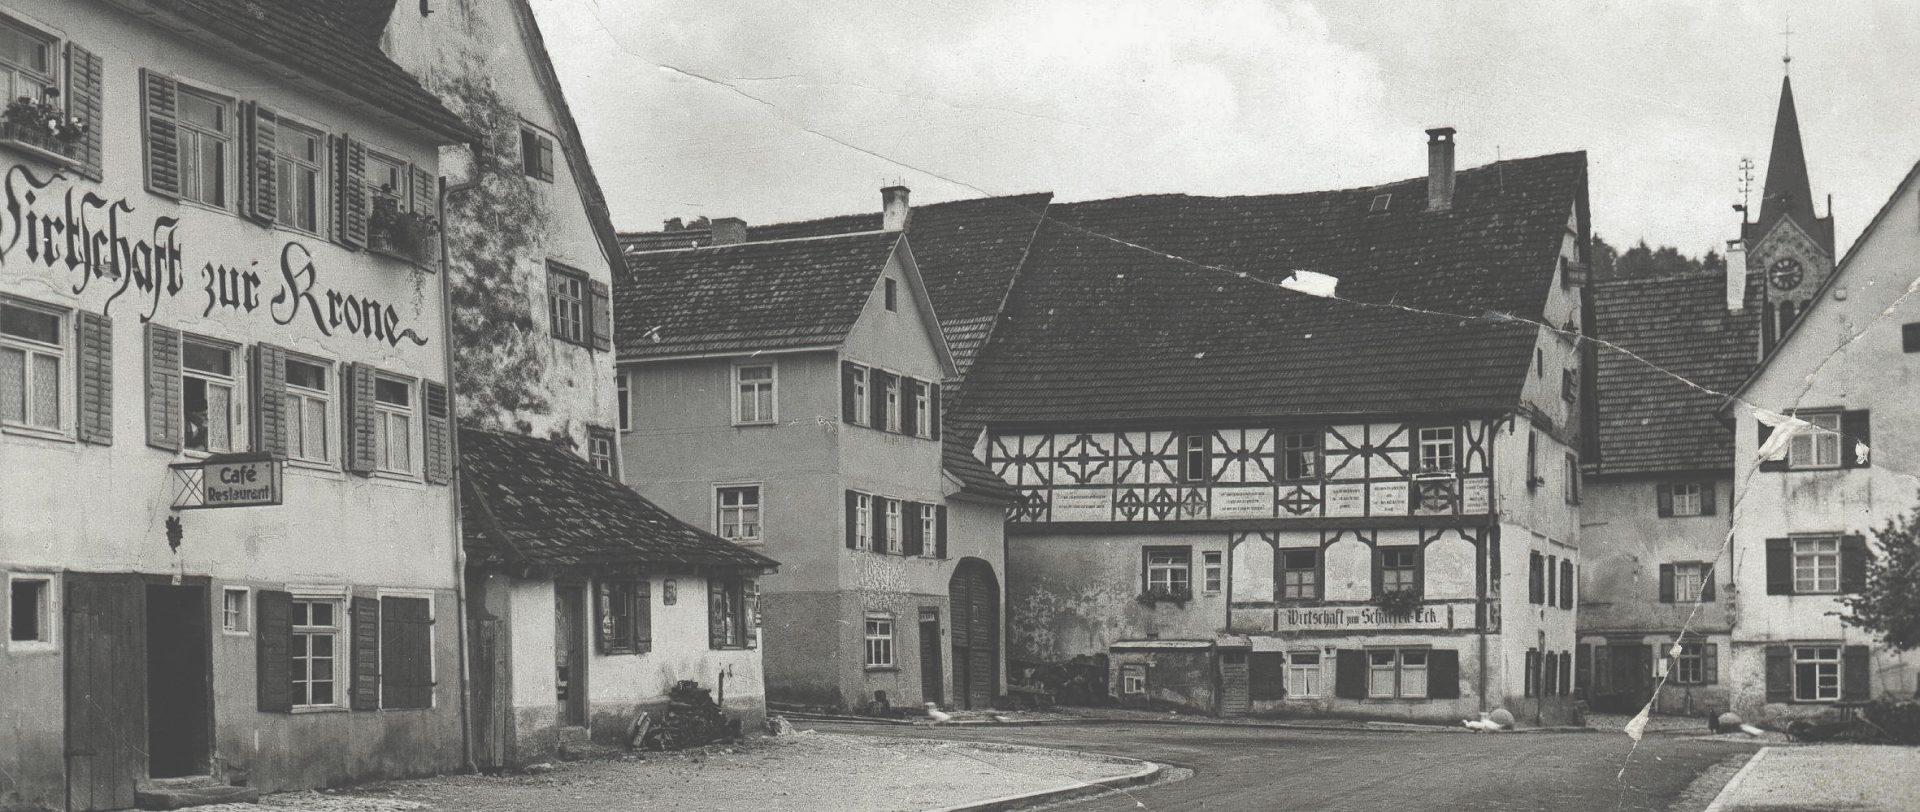 Historische Aufnahme des Scharf Eck